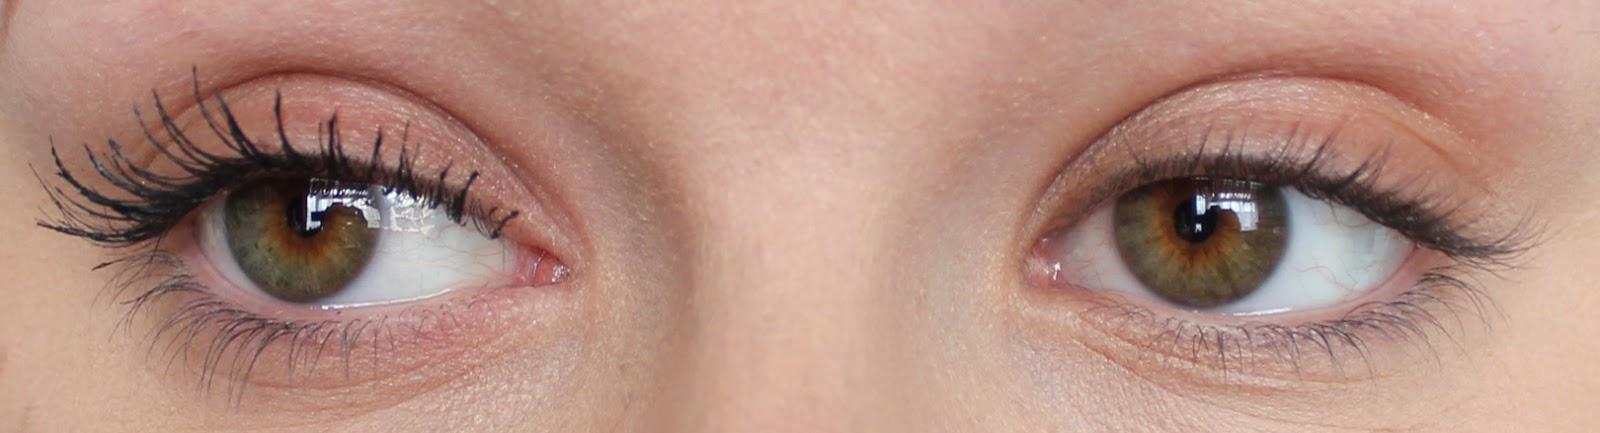 Smashbox indecent exposure mascara beauty blog